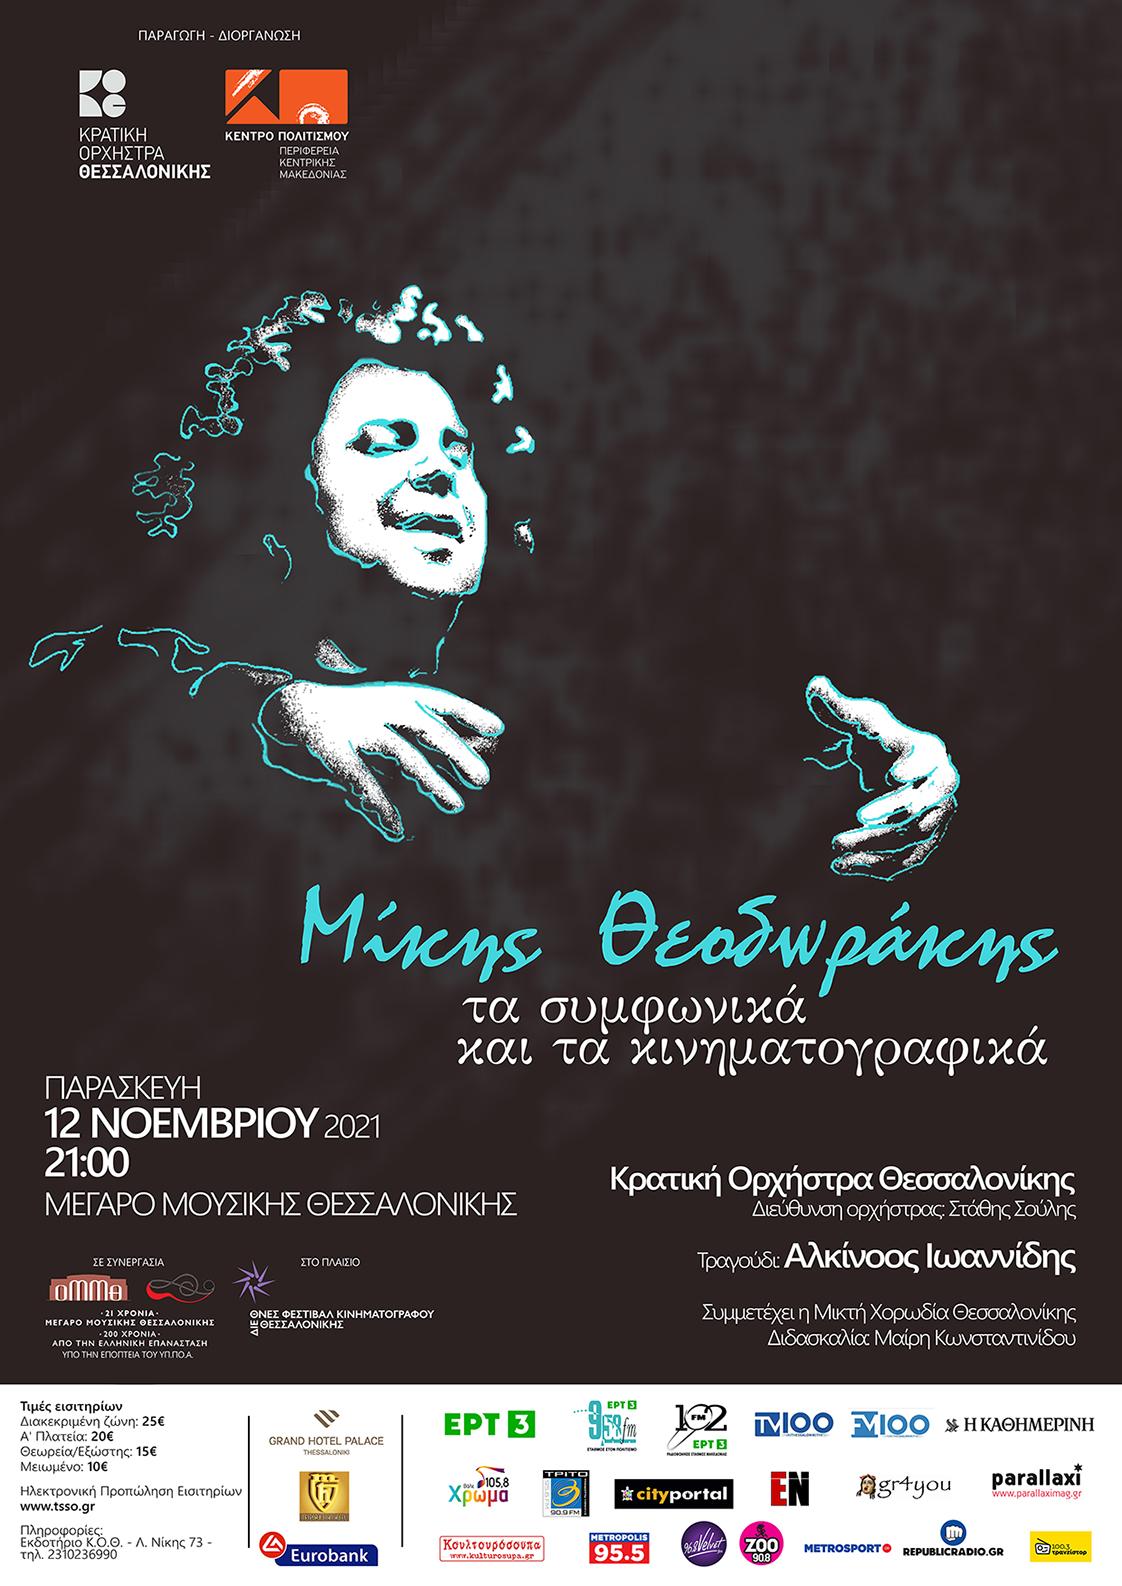 Μίκης Θεοδωράκης | Τα συμφωνικά και τα κινηματογραφικά στο Μέγαρο Μουσικής Θεσσαλονίκης